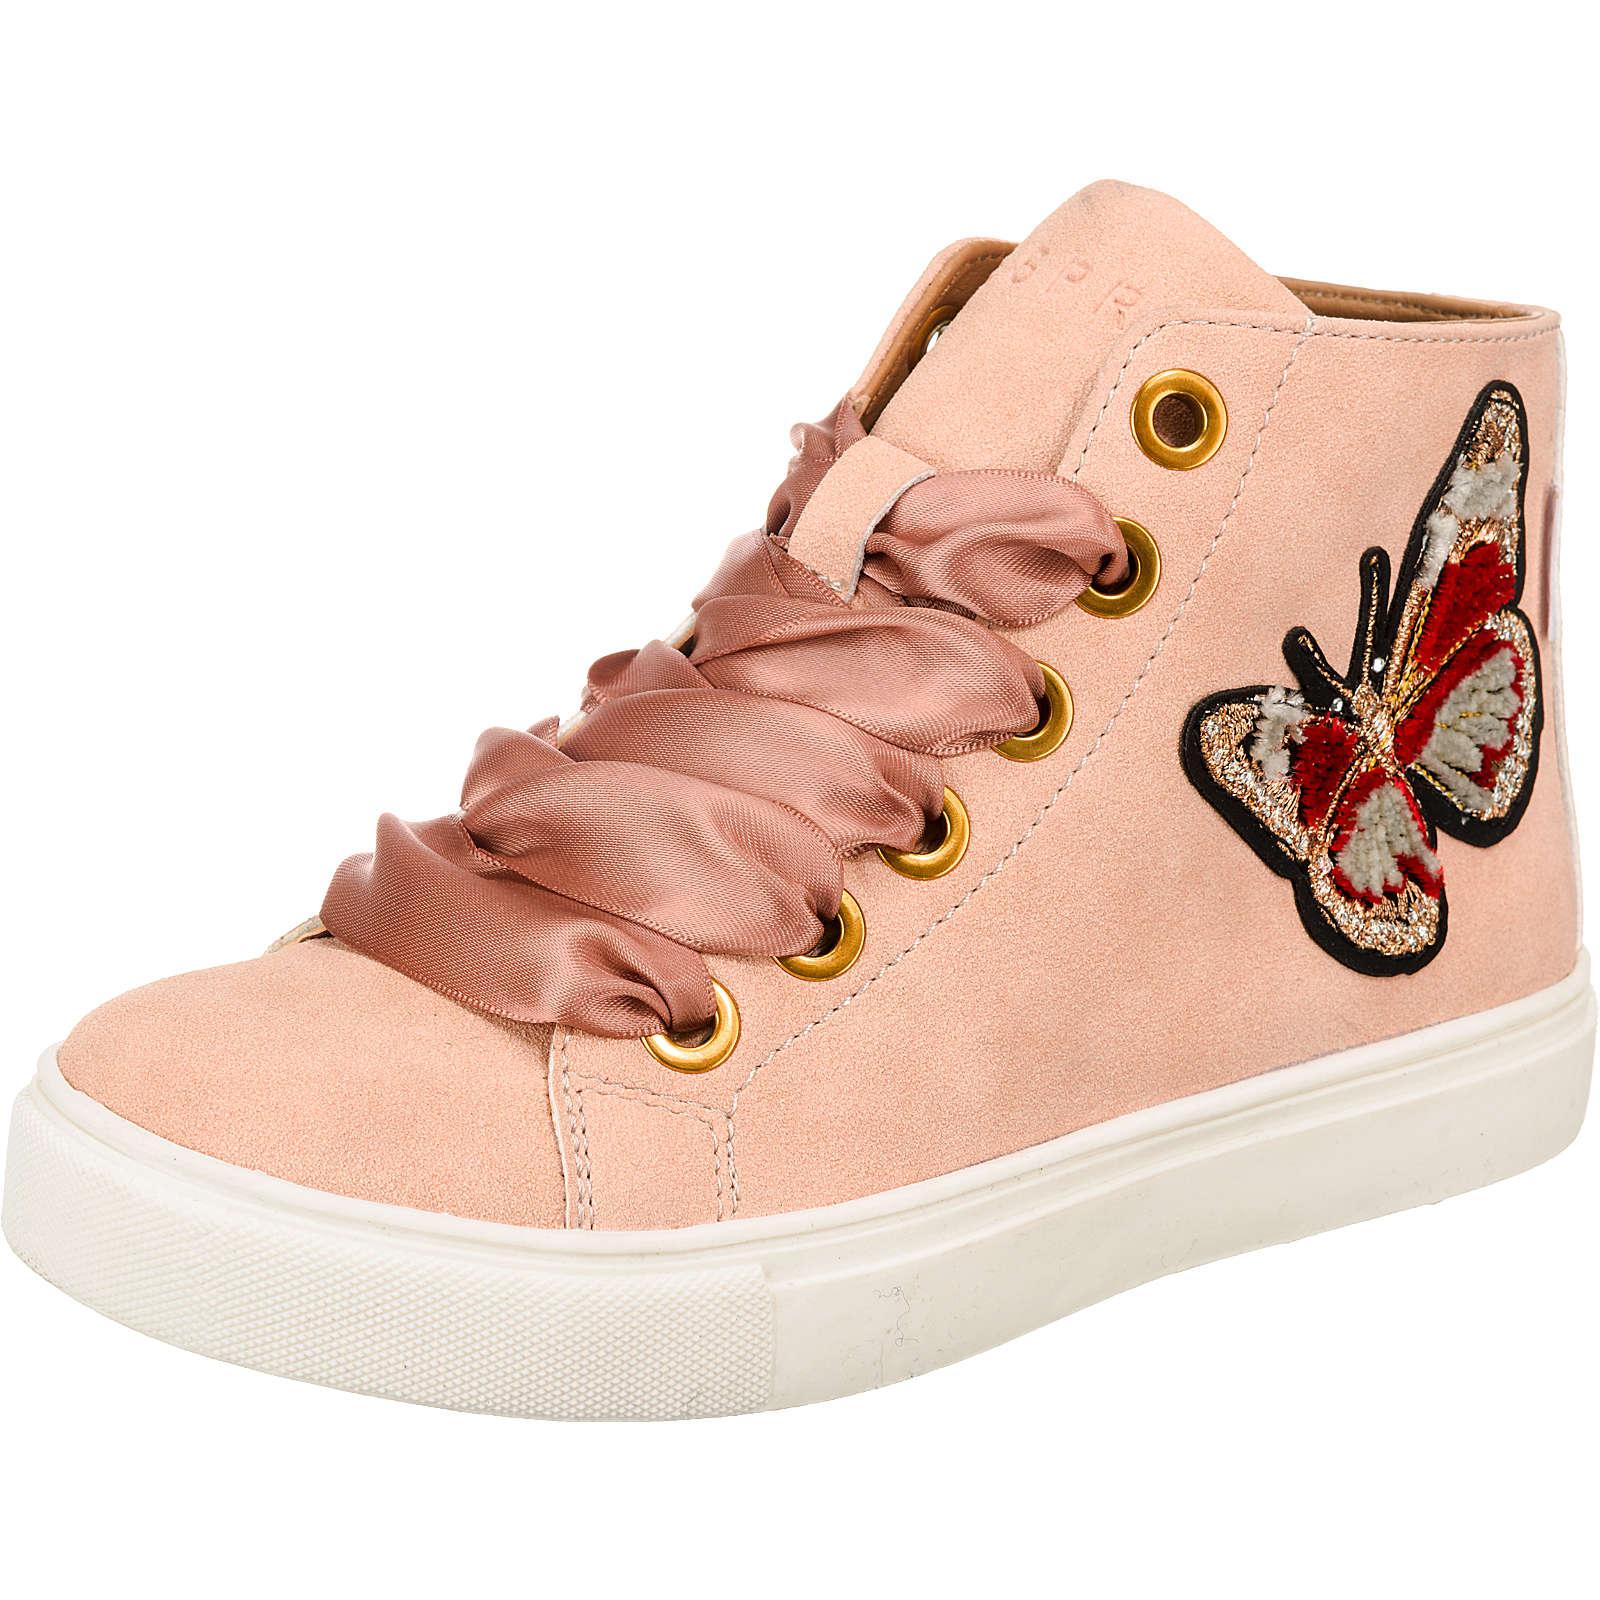 ESPRIT Sneakers High Cherry Butterfly für Mädchen rosa Mädchen Gr. 37